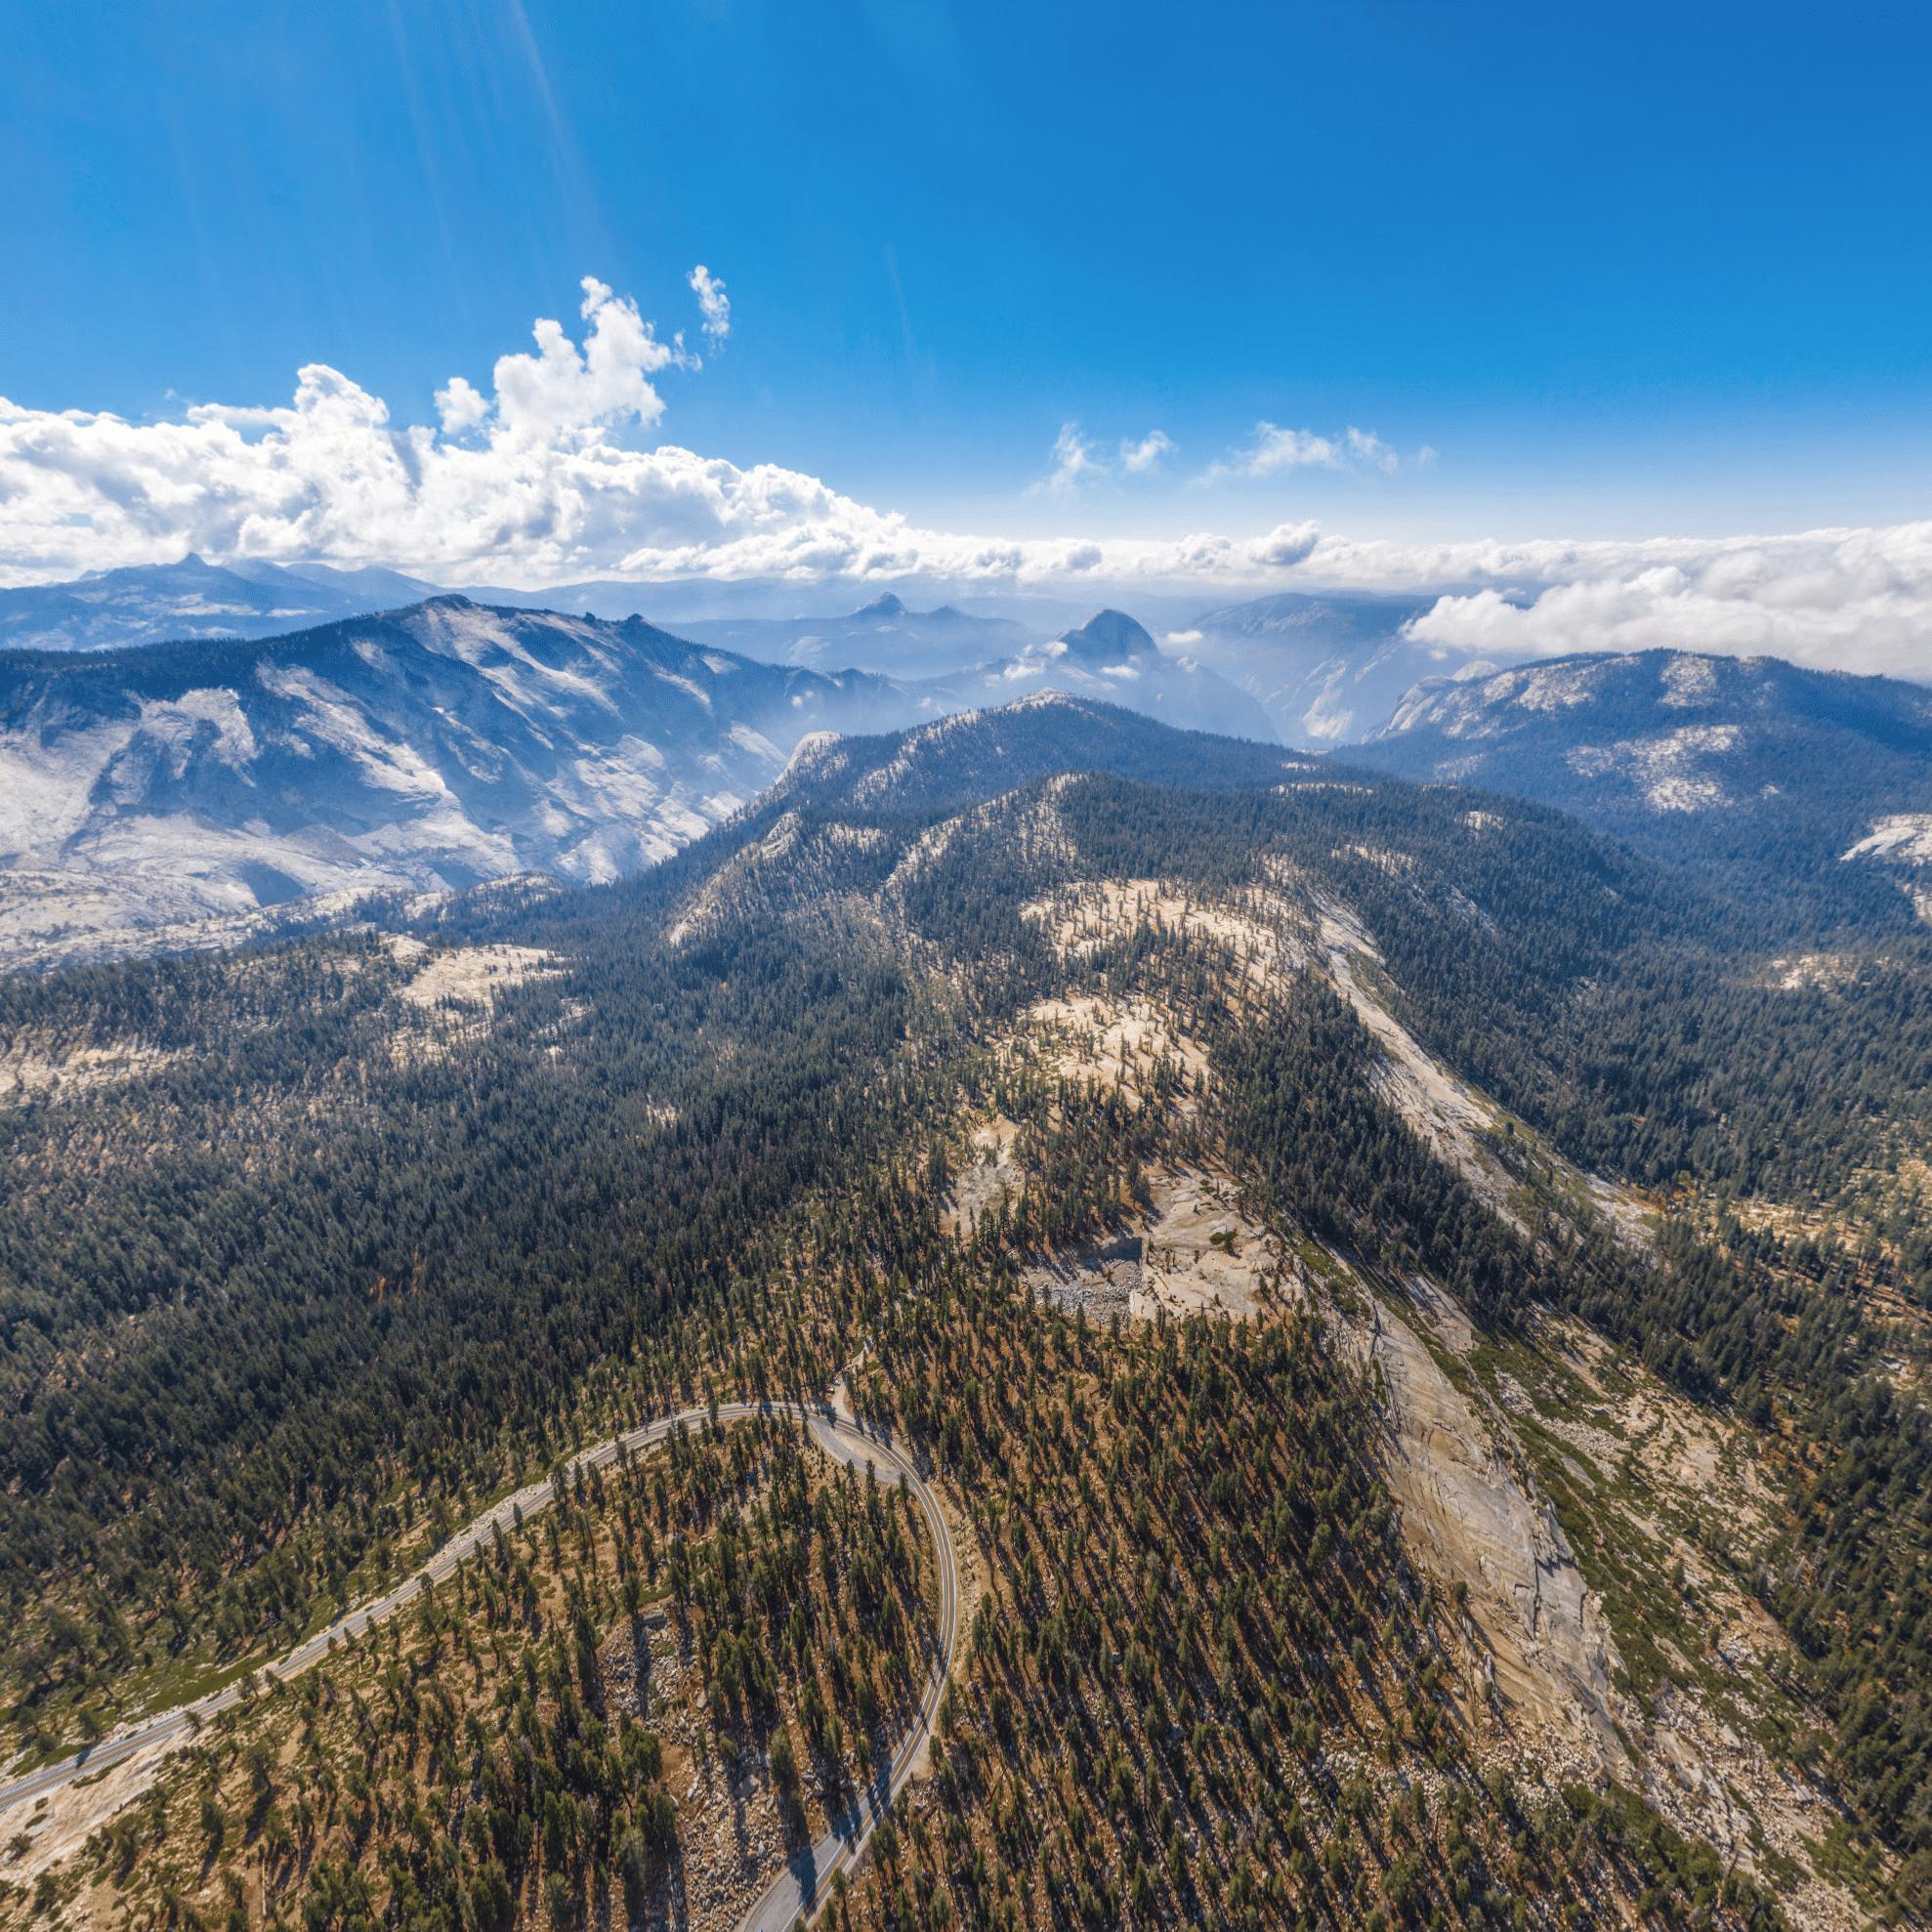 yosemite national park usa 2 patrick roddelkopf patrick roddelkopf fotografie